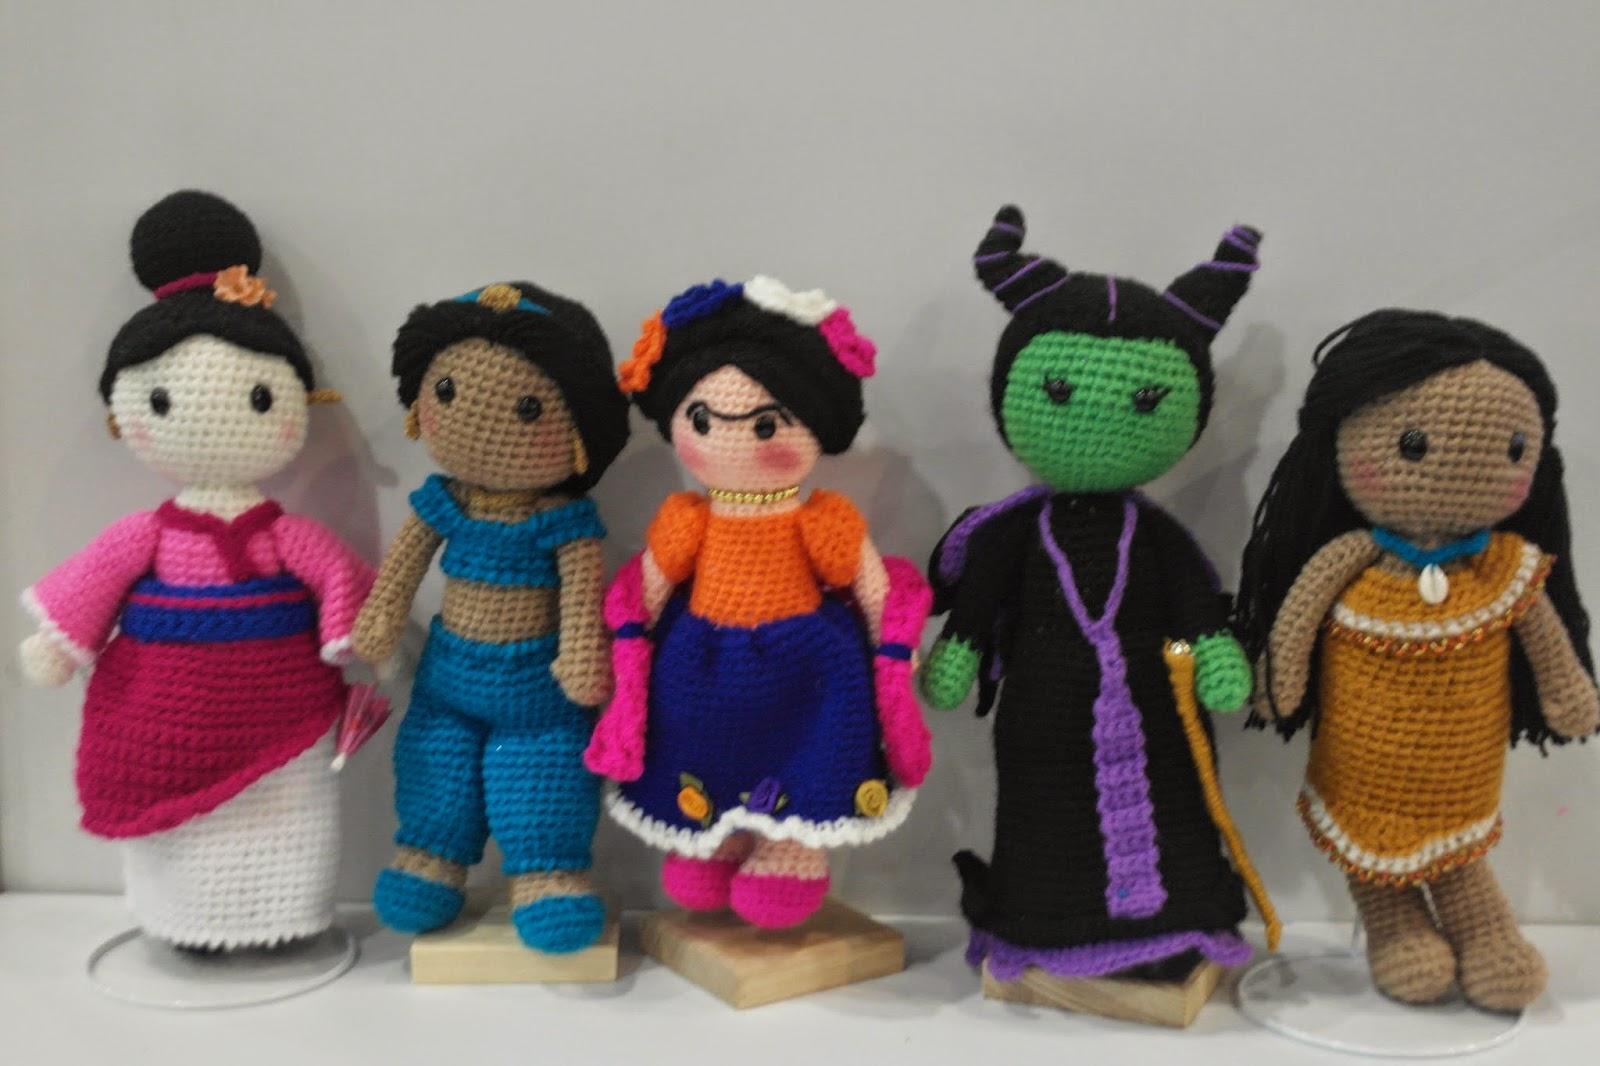 Frida Amigurumi Patron : Diente o muela amigurumi tejida a crochet amigurumi tooth youtube